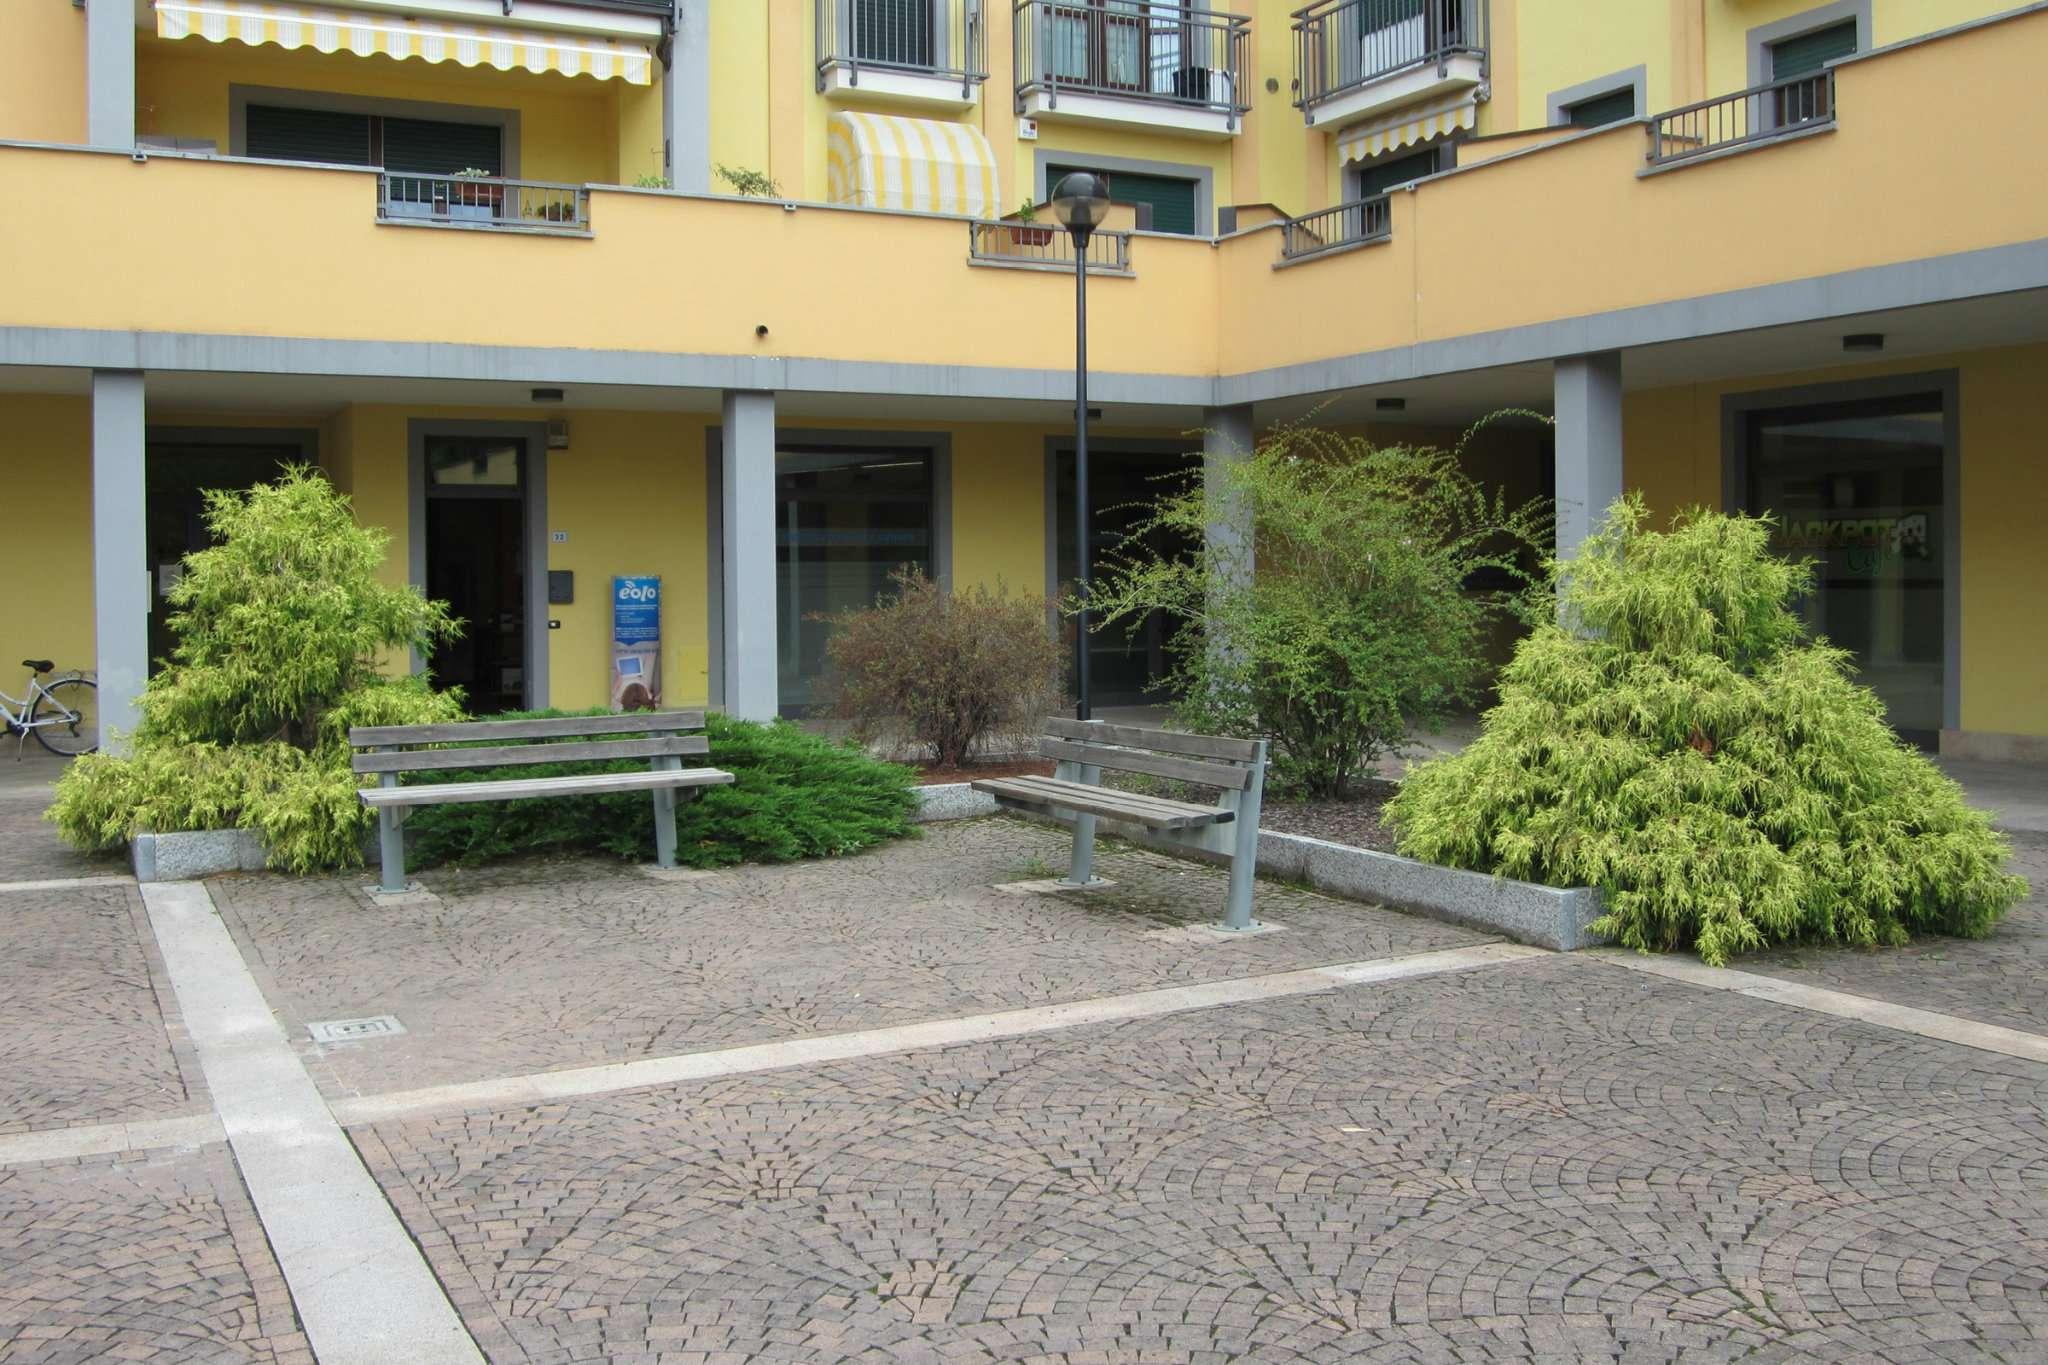 Negozio / Locale in affitto a Somma Lombardo, 1 locali, prezzo € 600 | Cambio Casa.it